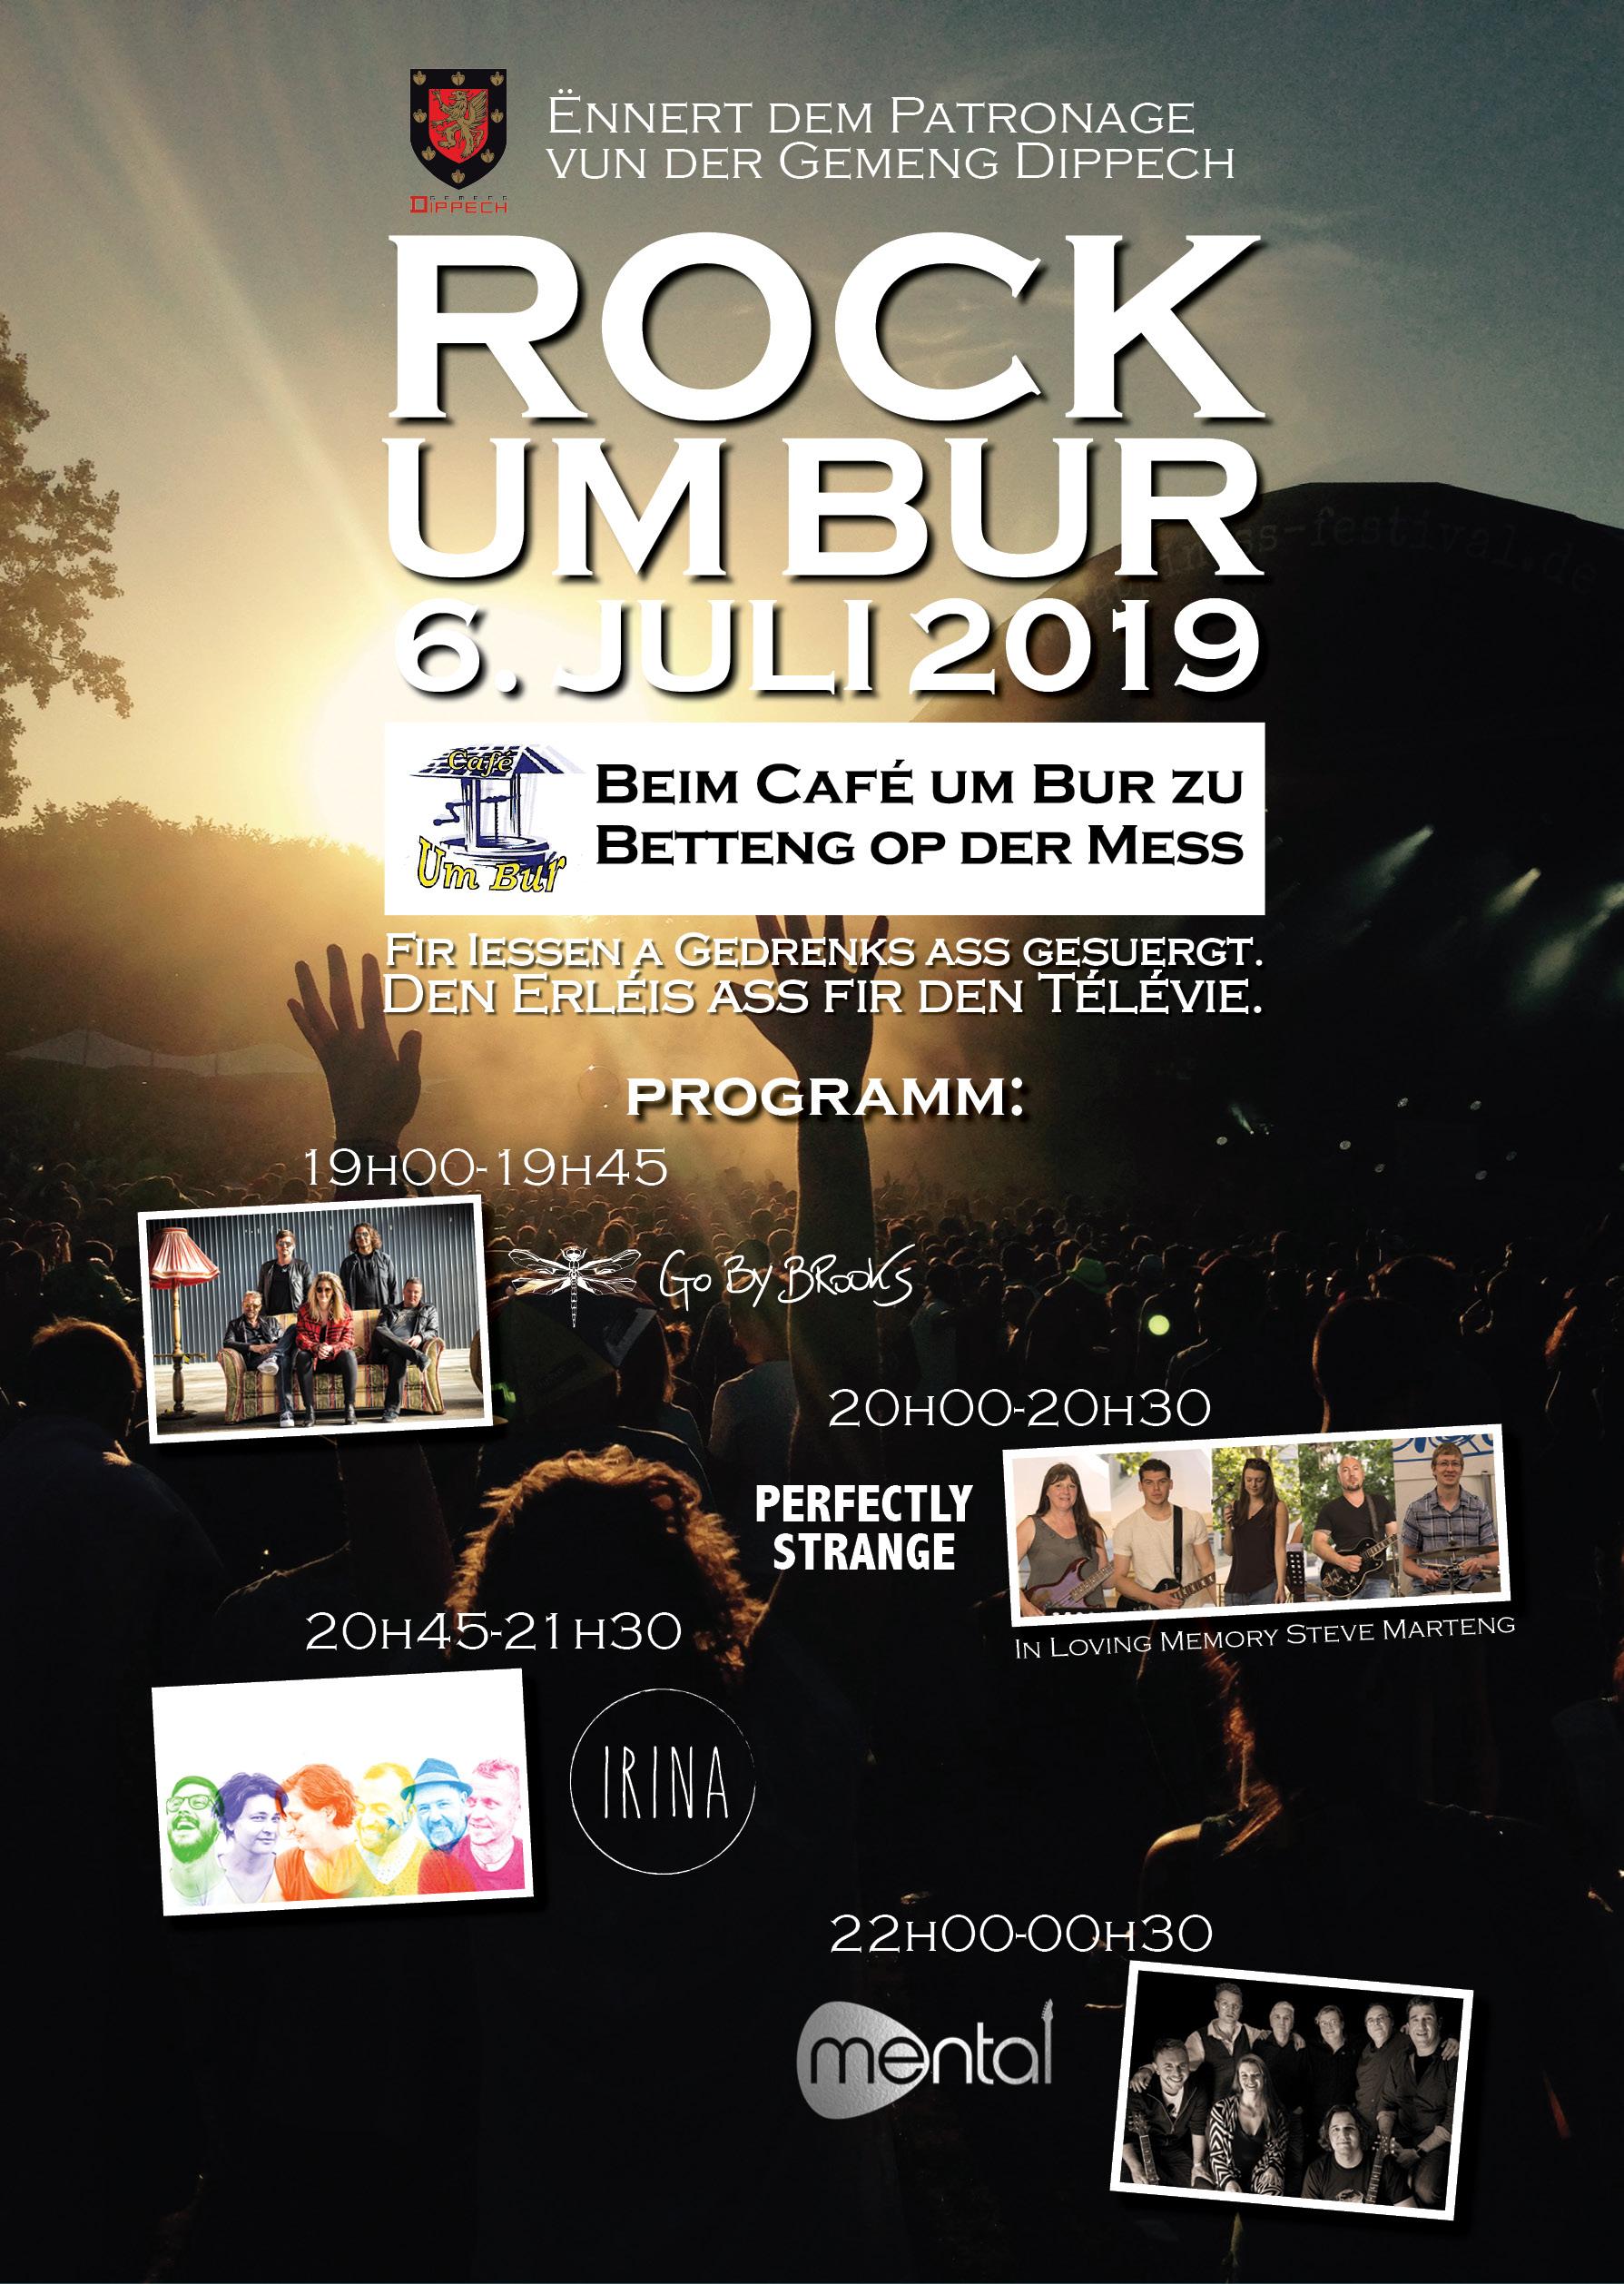 Plakat-Rock um Bur-A3-2019-WEB.jpg